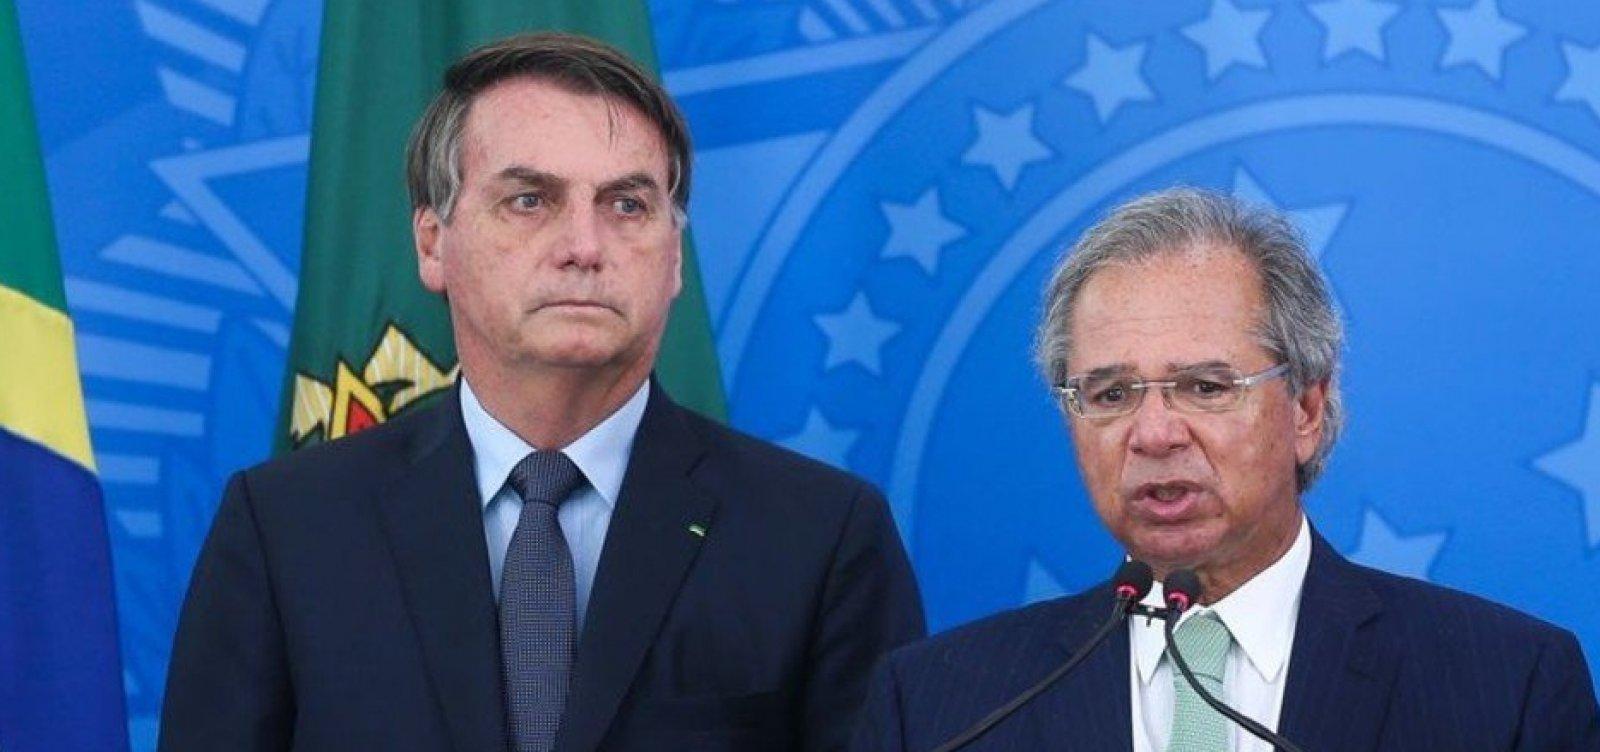 [Bolsonaro diz que pode prorrogar auxílio emergencial: 'Dá para chegar num meio termo']